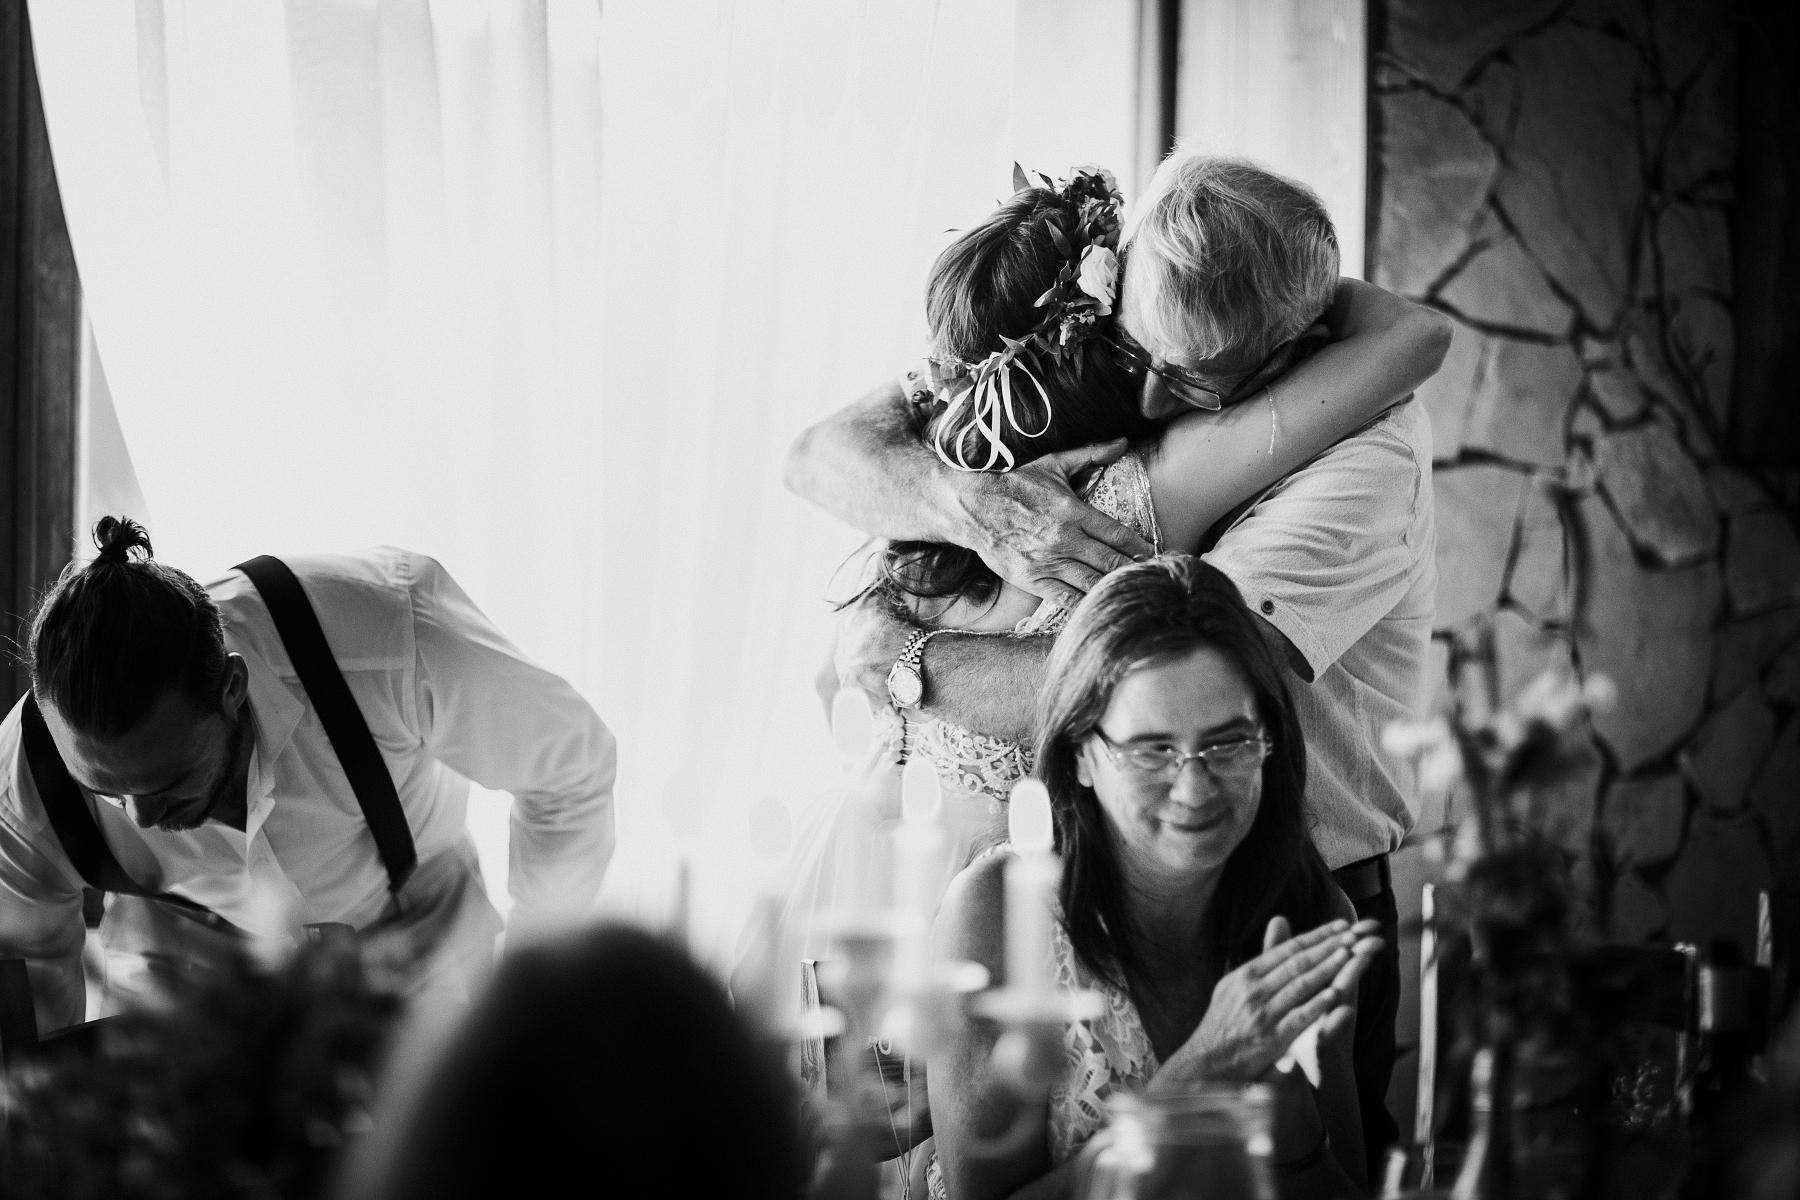 fotograf slovensko, vychod, praha, tatry, lubos krahulec,najlepsi svadobny fotografi, asociácia fotografov, fotograf tatry, fotenie v tatrach, svadba v prirode, kameraman, na svadbu, svadobne saty, kytica, presov, kosice, poprad, cech fotografov, wedding photographer, krahulec, v prahe, bratislava, zvolen, zilina, trencin, na svadbe,